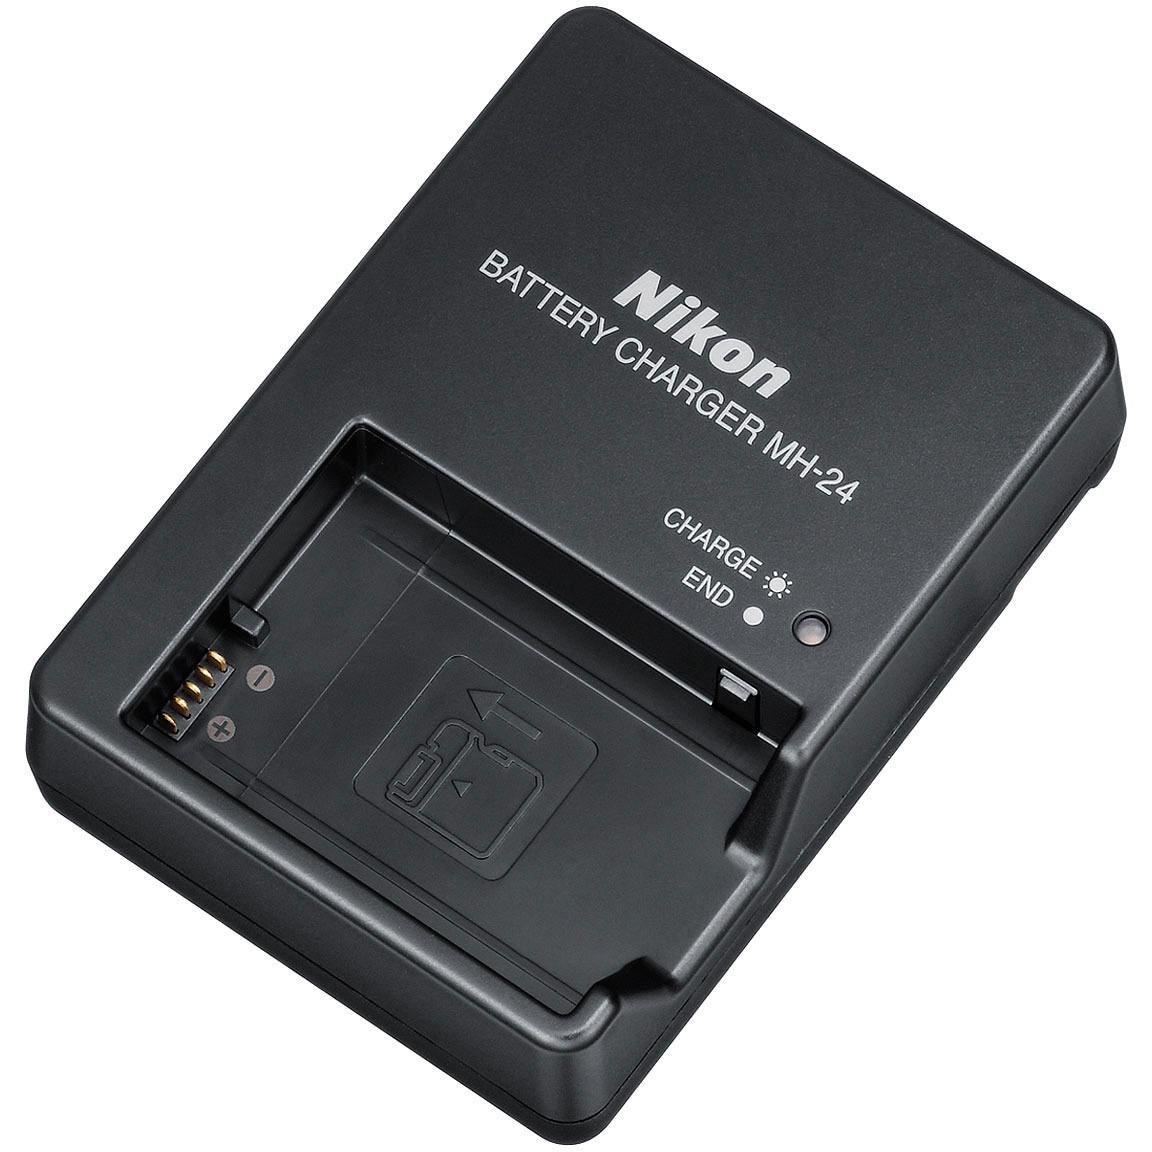 Chargeur appareil photo Nikon MH-24 Chargeur de batterie (pour D3100)